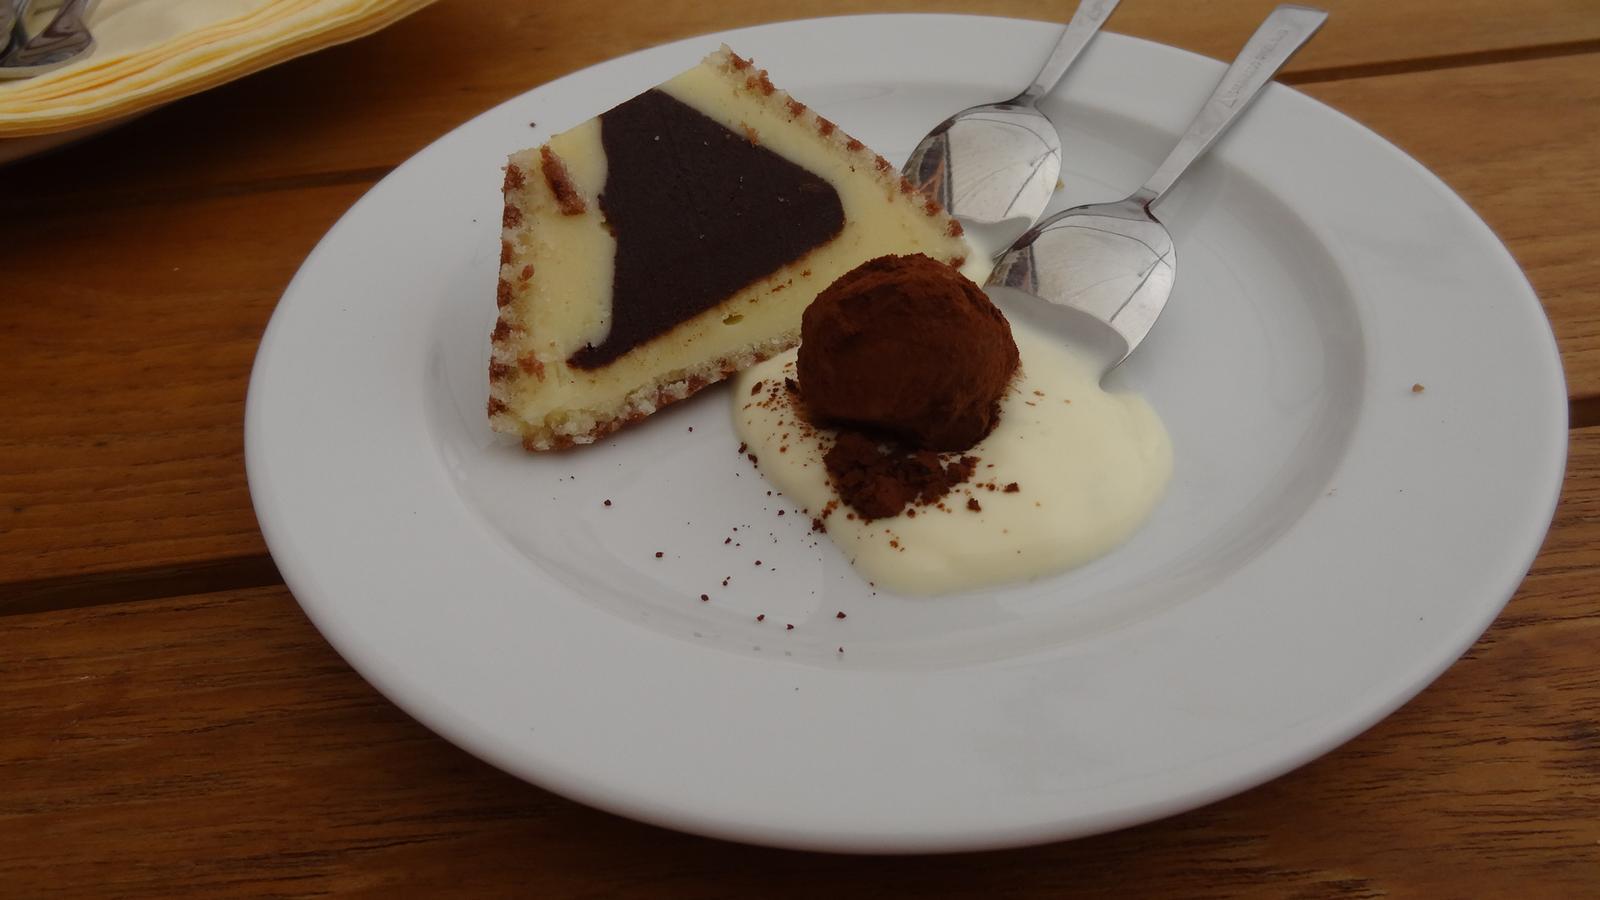 Degustační požitek - Variace terinky plněné ganáží z bílé čokolády, limetkového crème fraîche a čokoládový lanýž ovoněný kávovým likérem